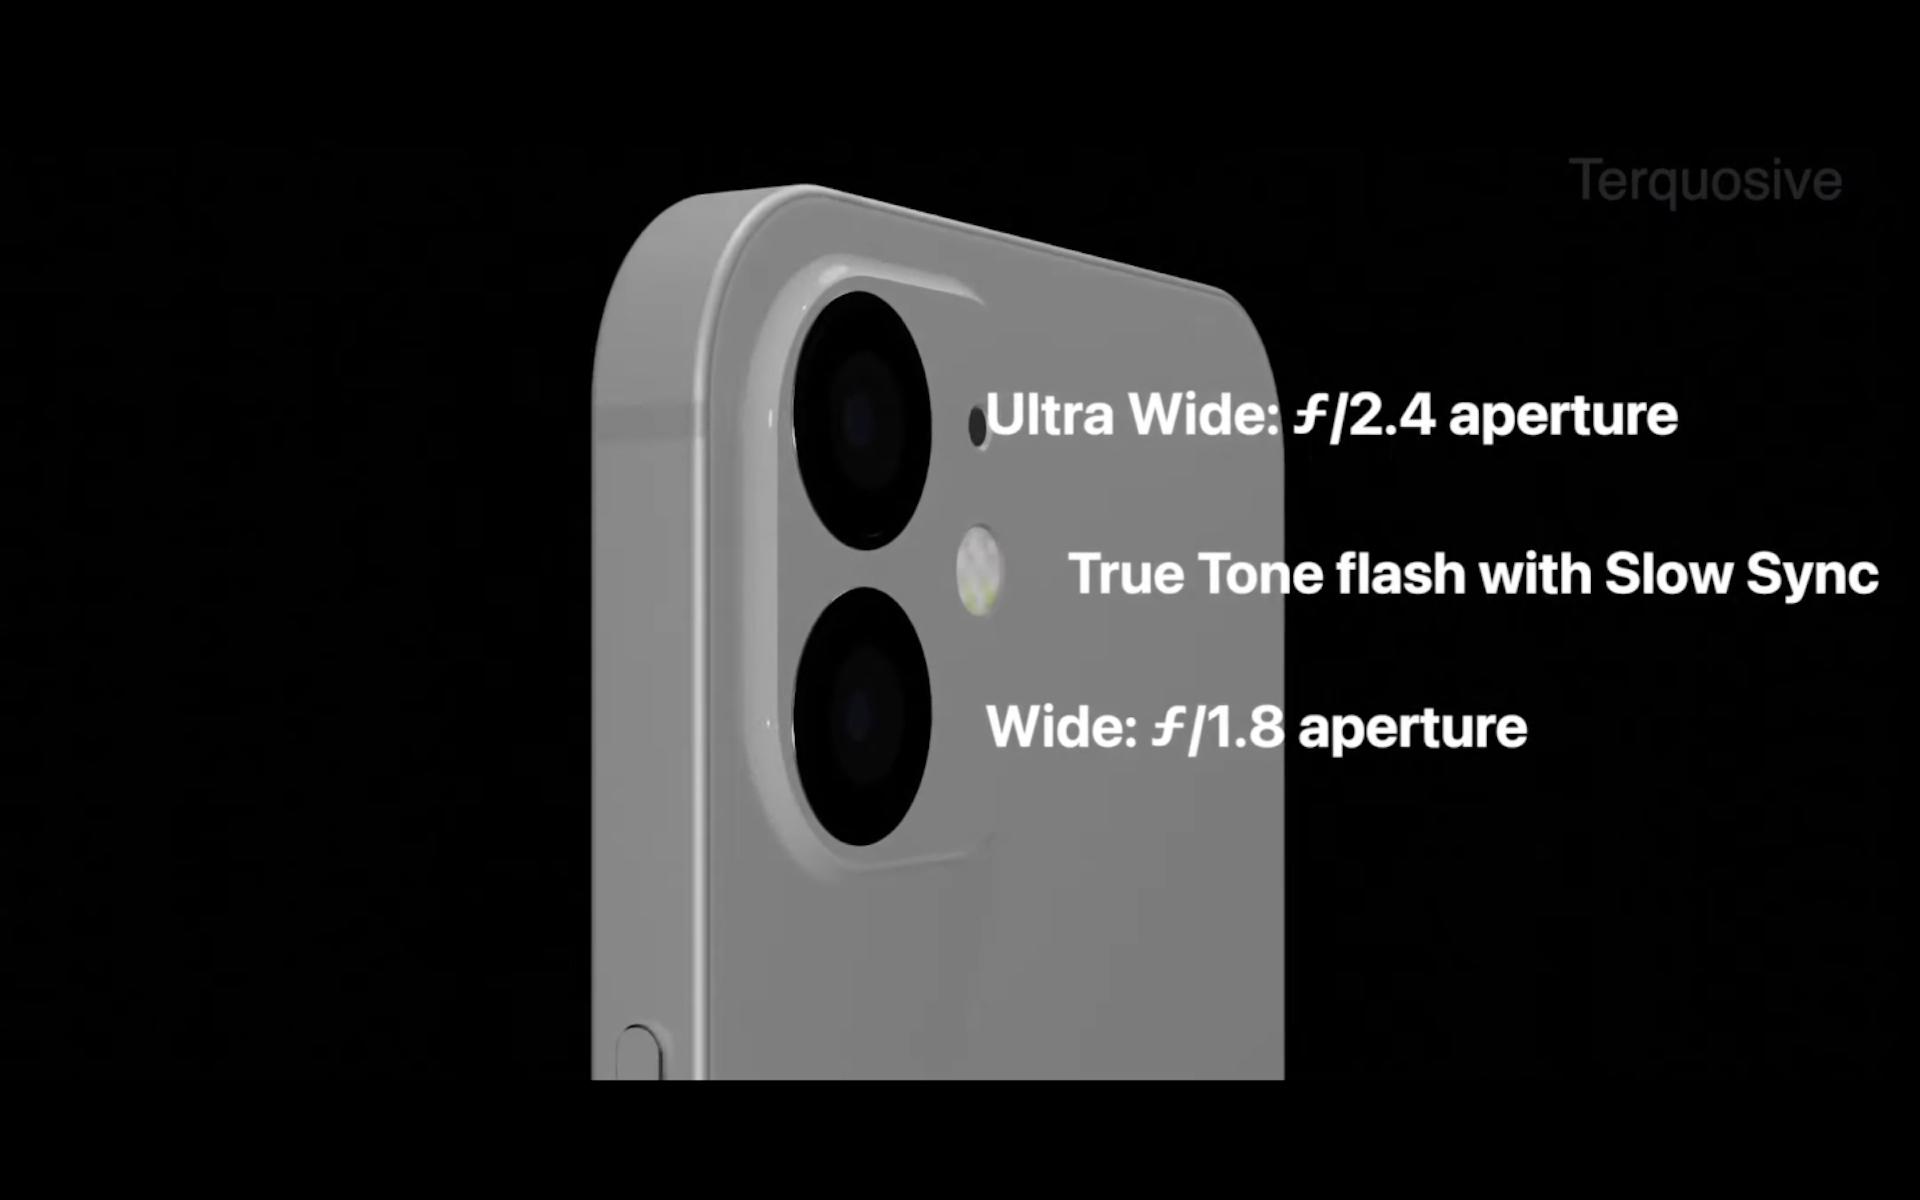 iPhone 12&12 Maxはこんな性能に?これまでの情報をまとめたコンセプト映像が公開 tech200713_iphone12_7